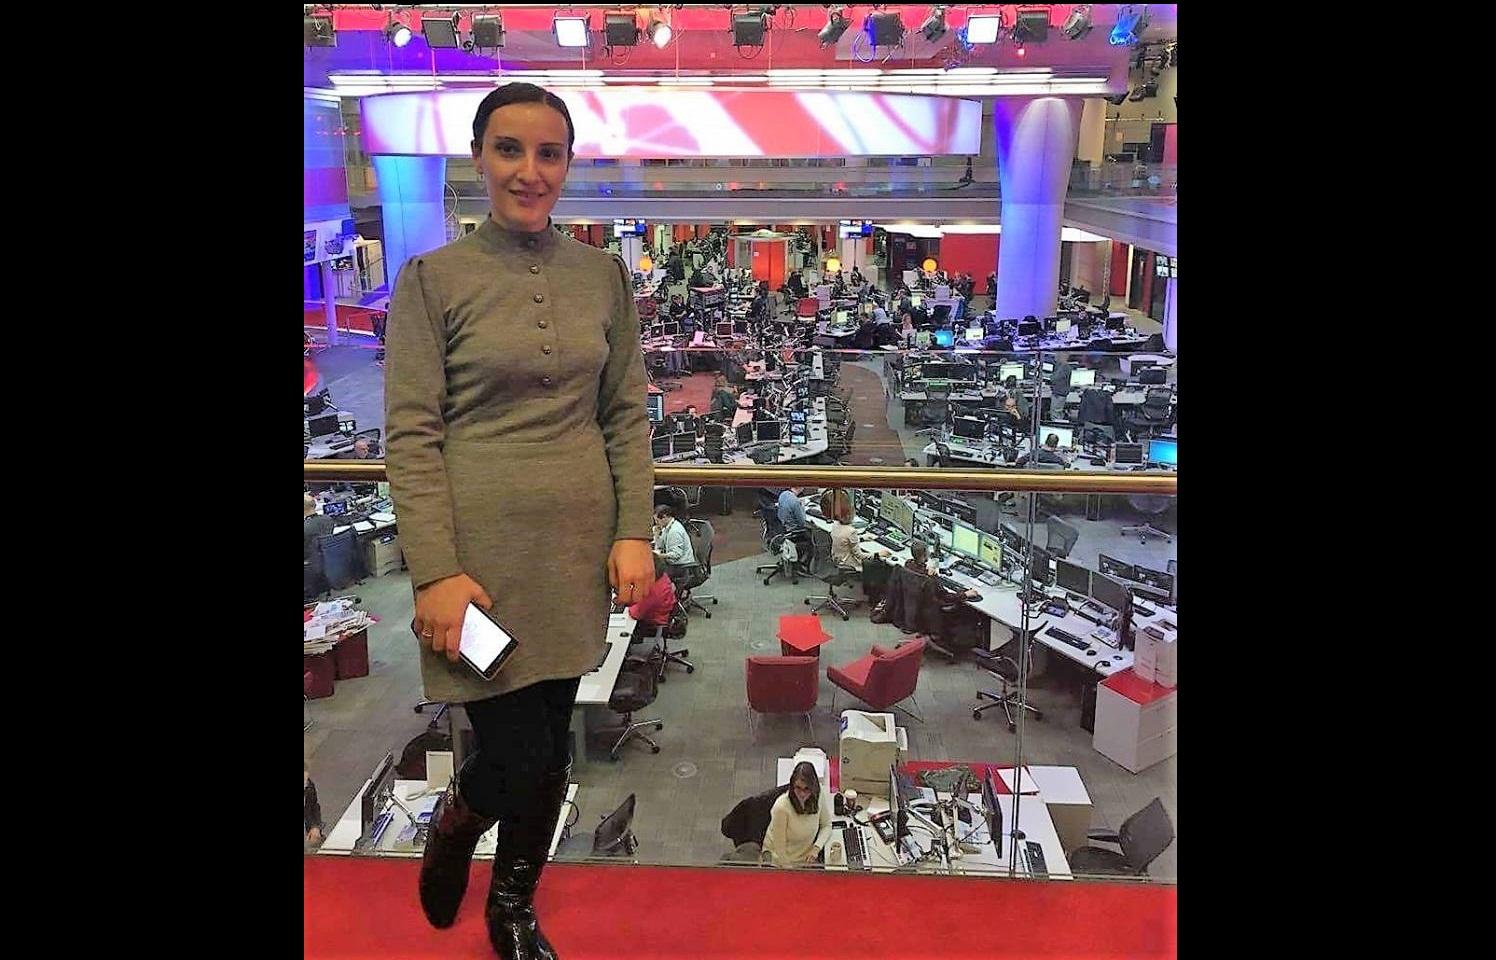 ნინო ჩიფჩიური BBC–ის სათაო ოფისში ვიზიტის დროს